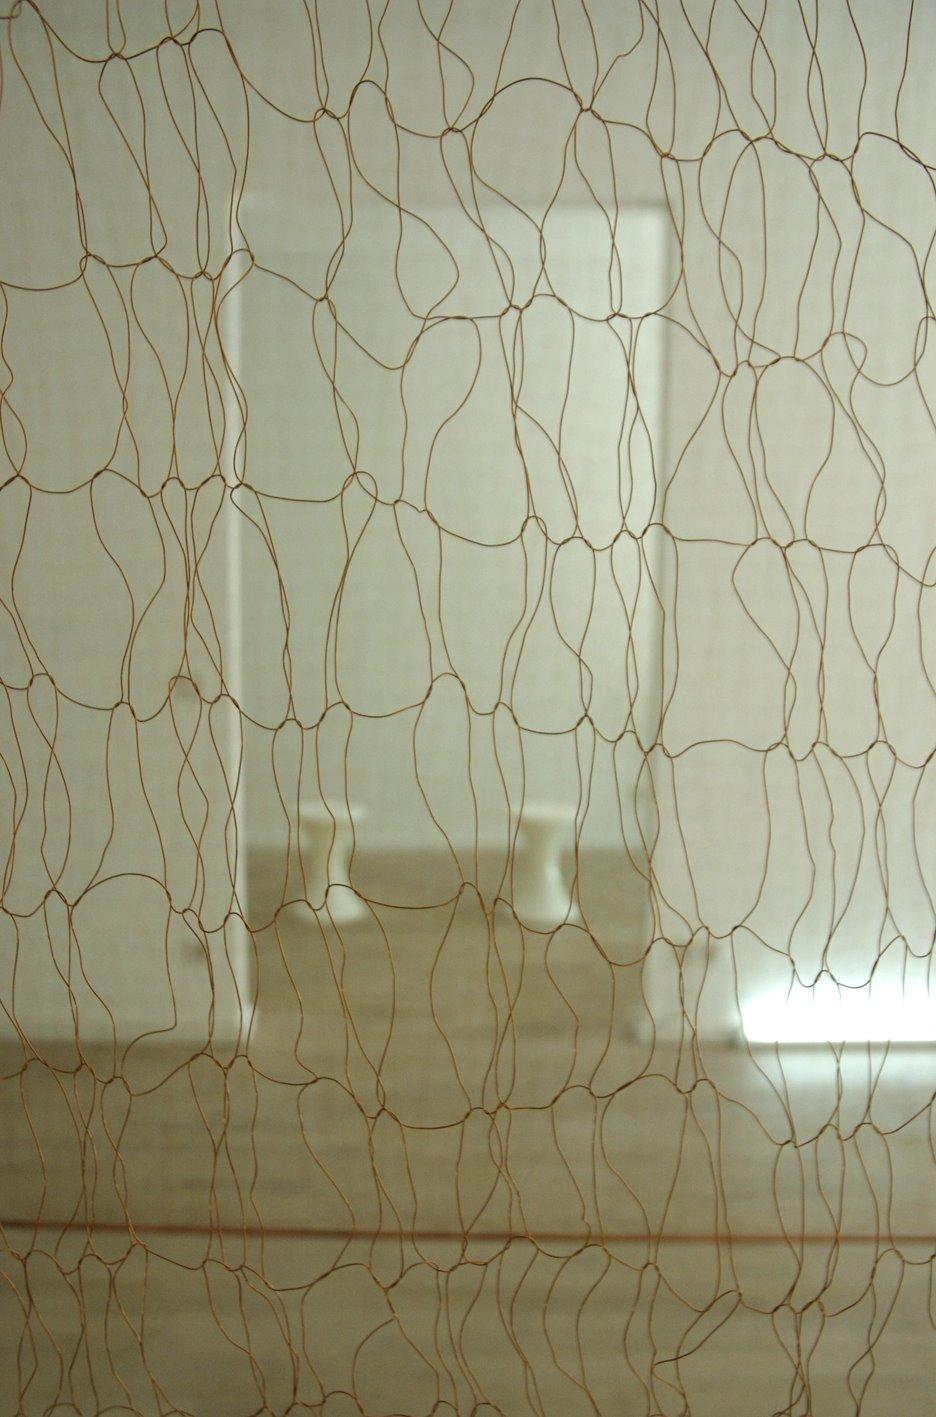 Reflection und Chambre Claire